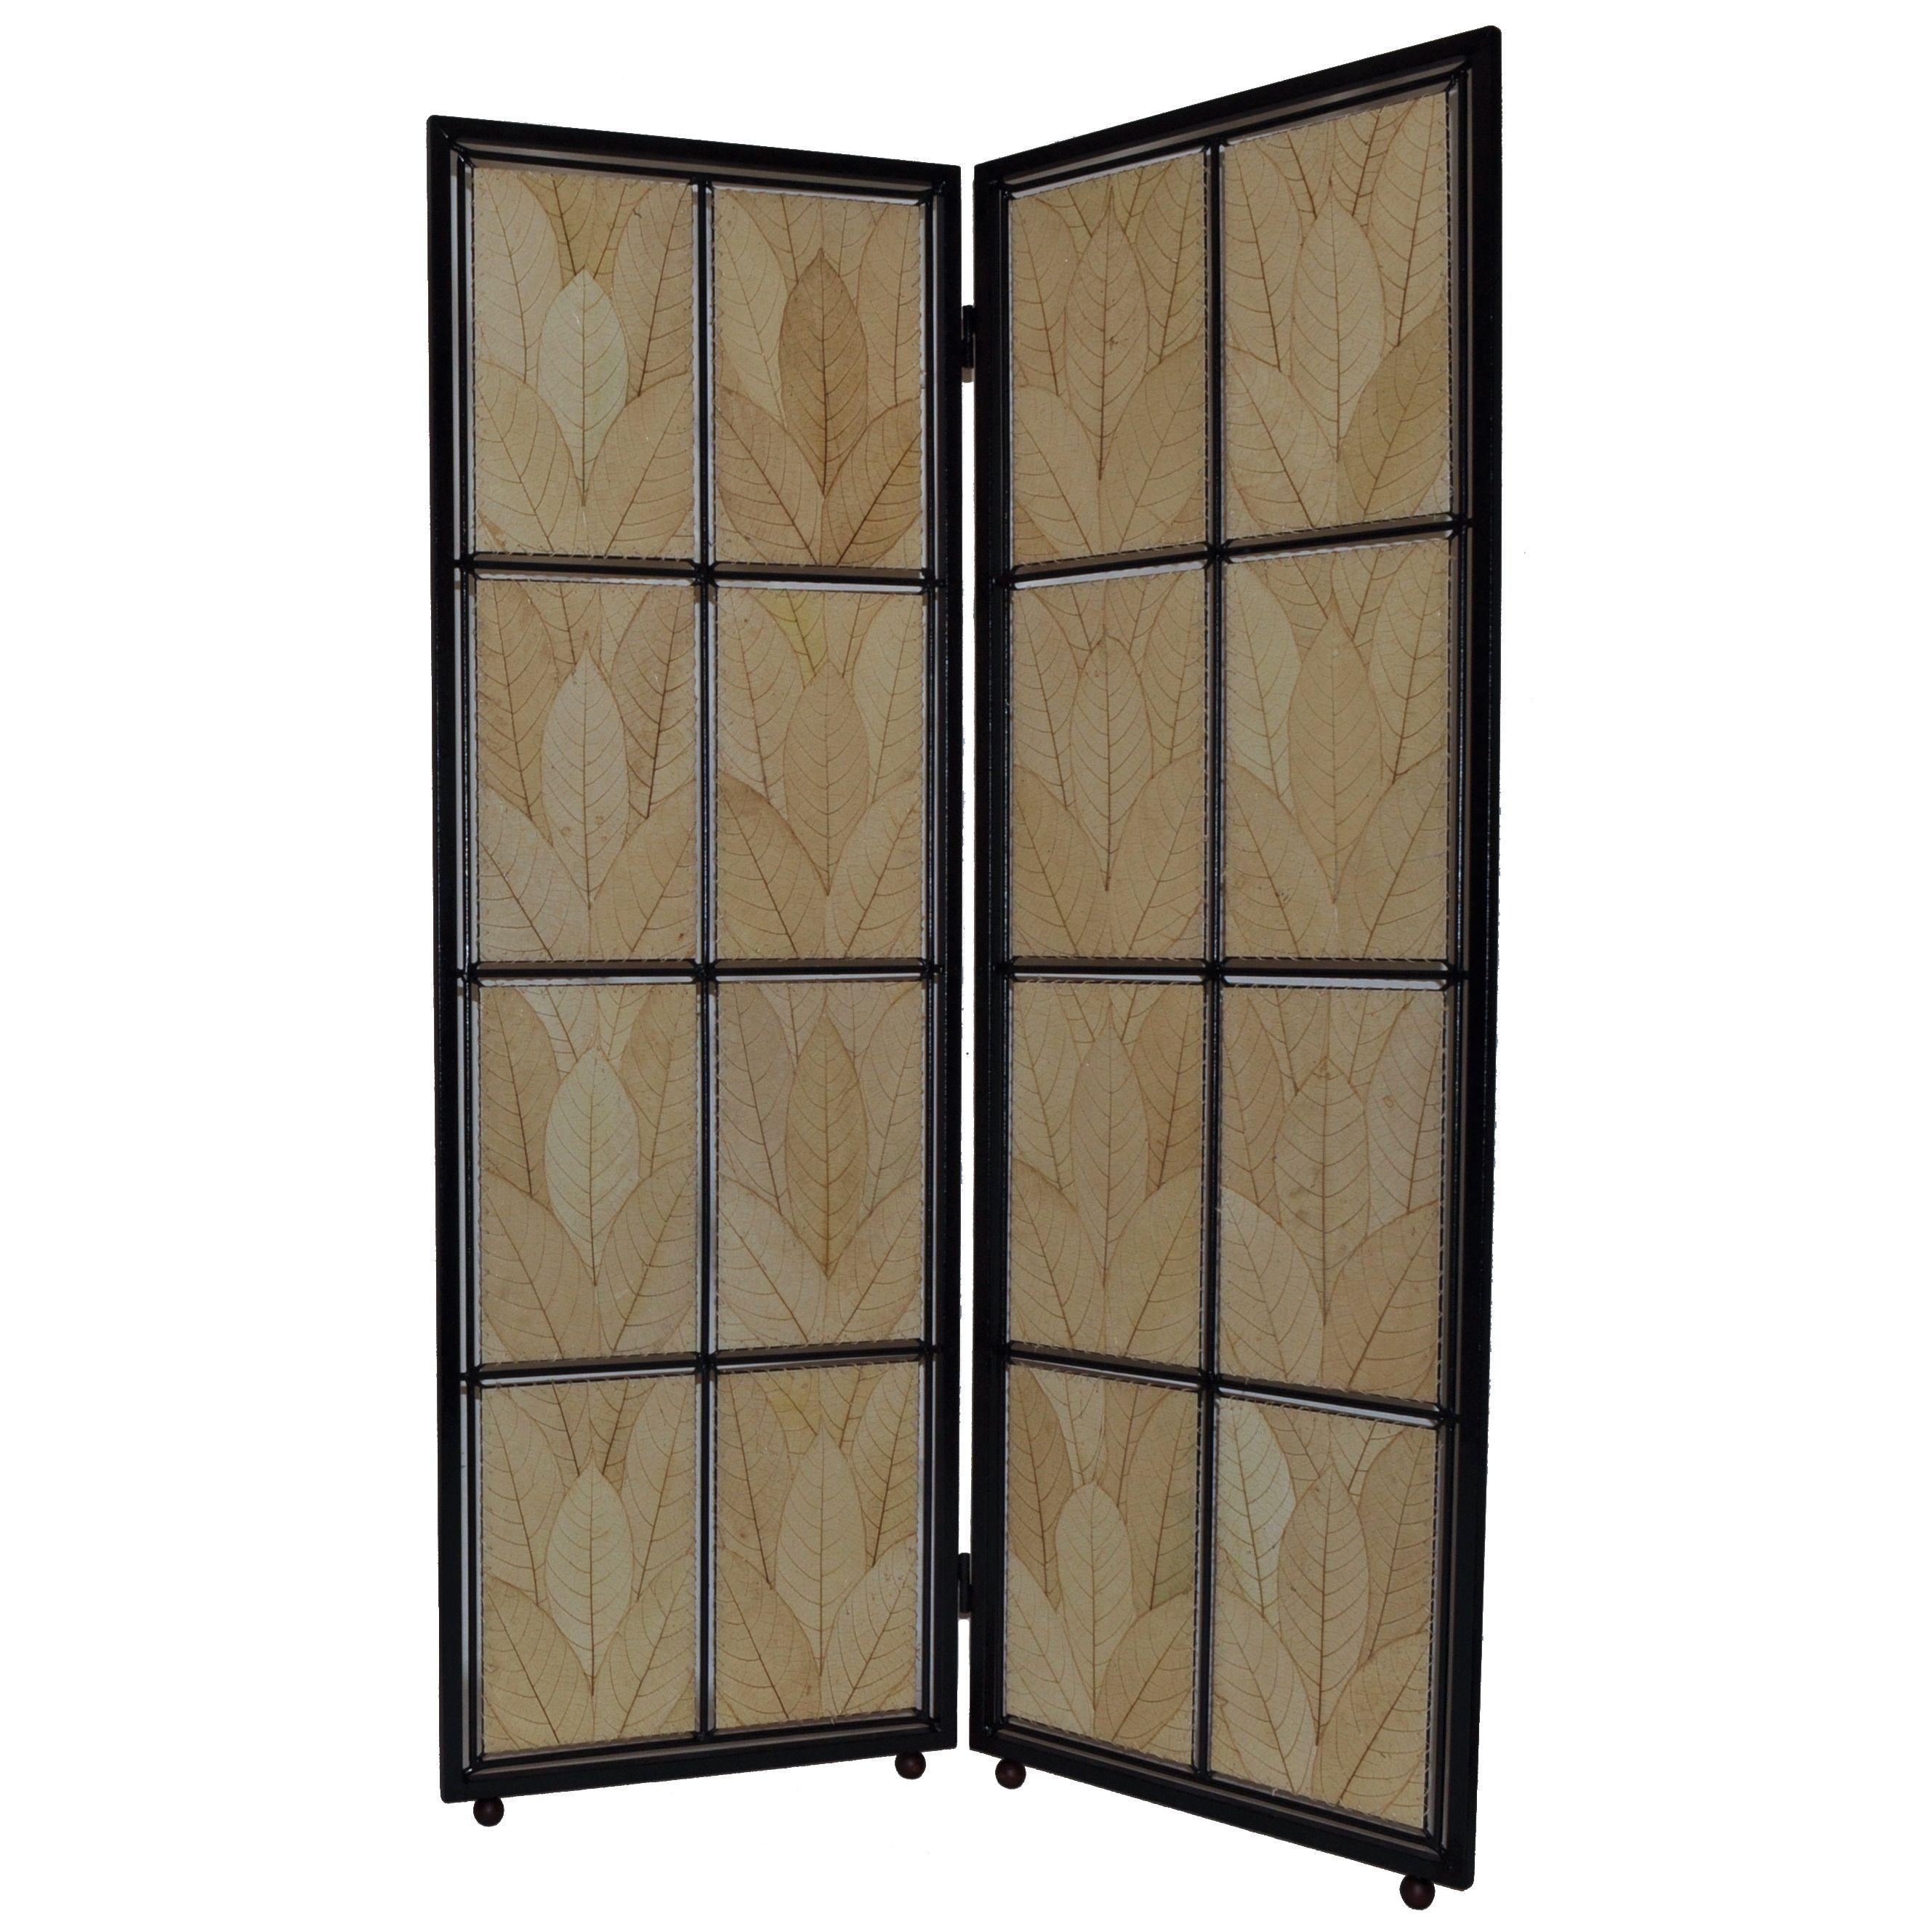 Leaf screen room divider products pinterest divider